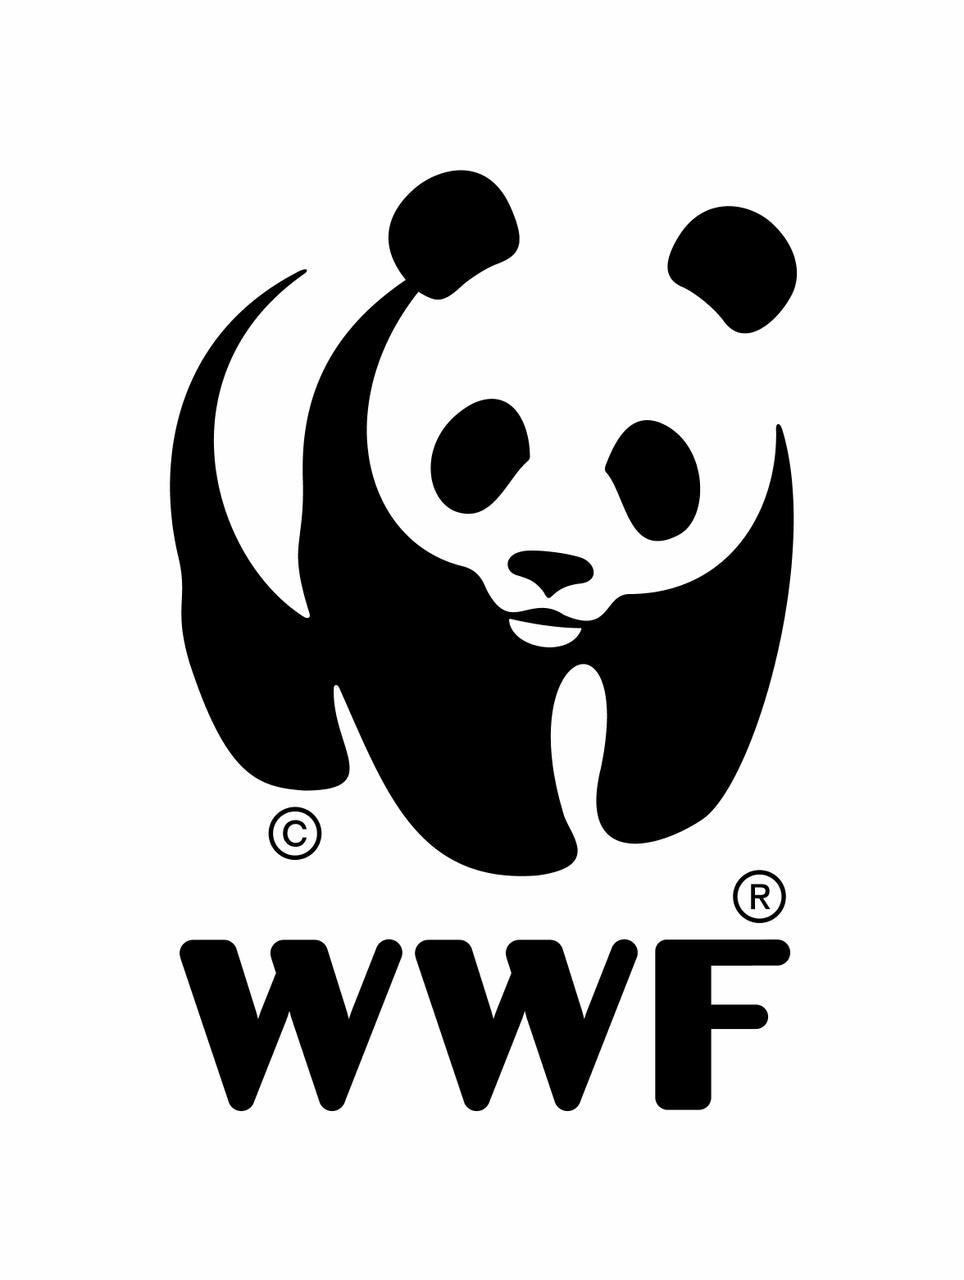 wwf_logo_a4.jpg